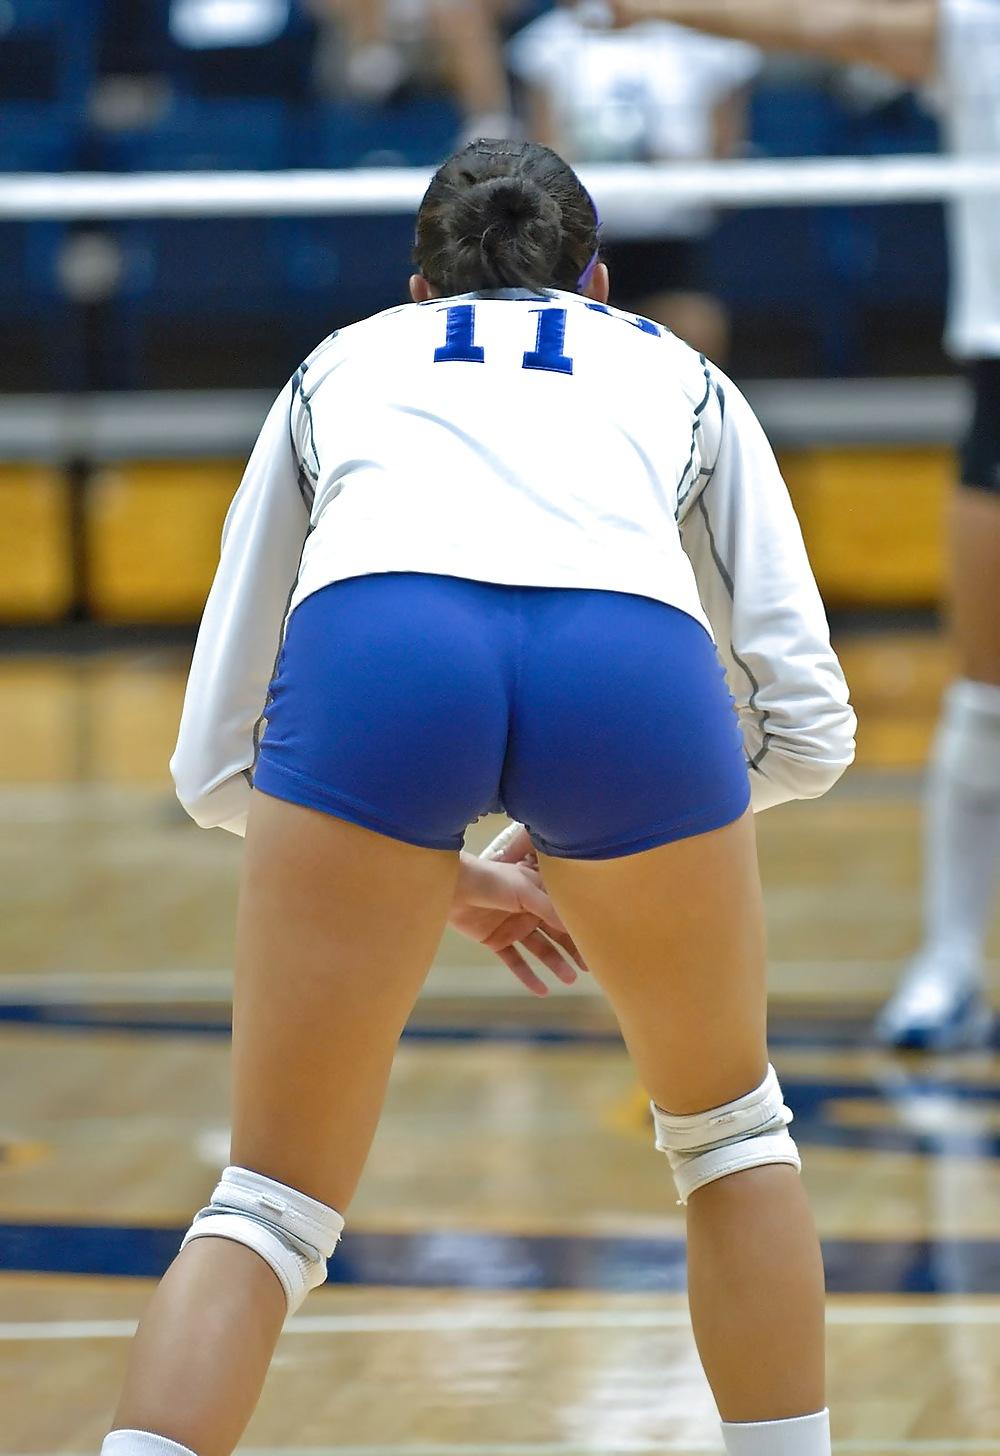 Hot volleyball girls grab ass